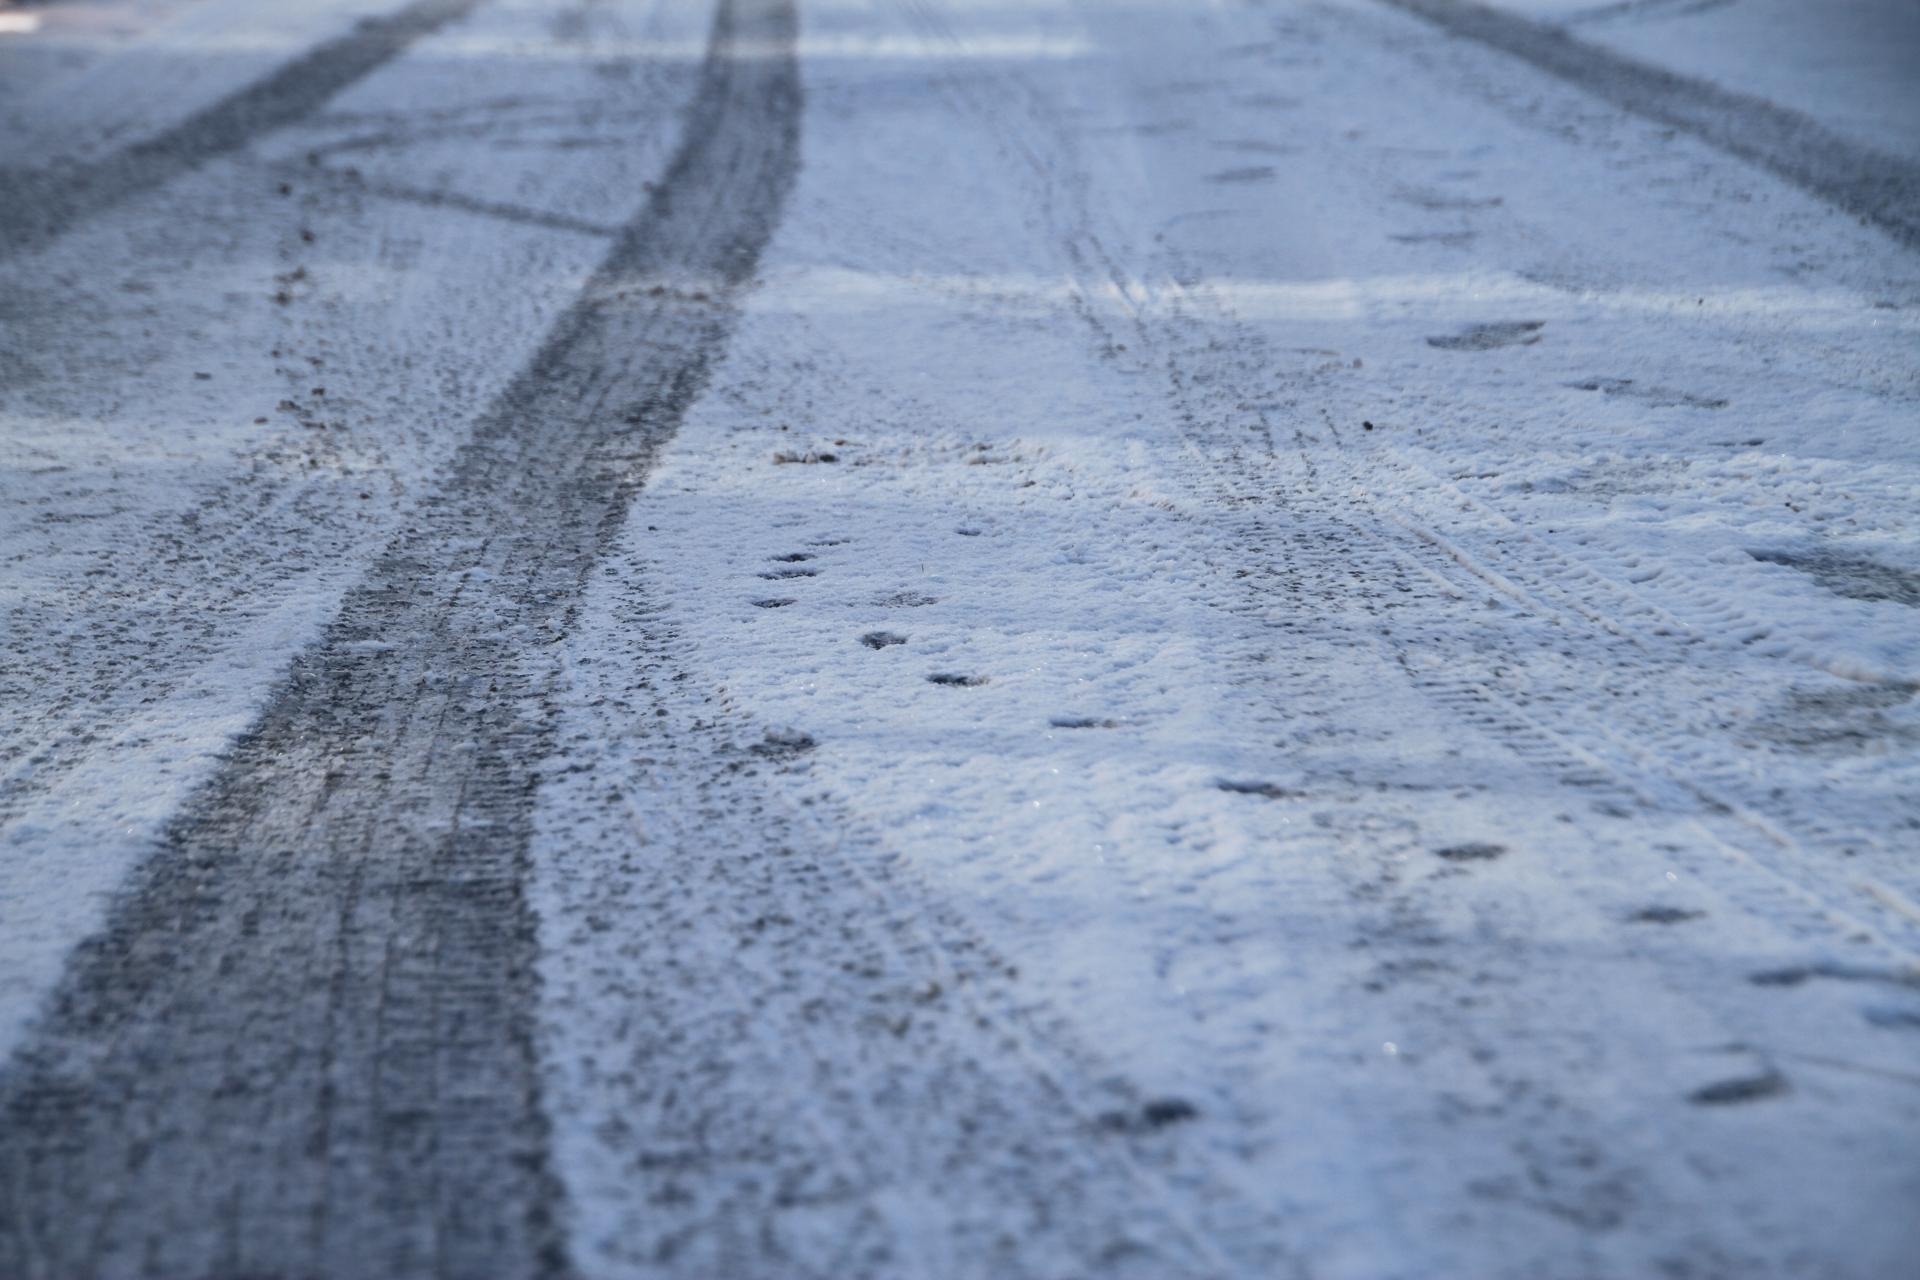 凍結した道路を運転するときにはこんな事に気をつけよう